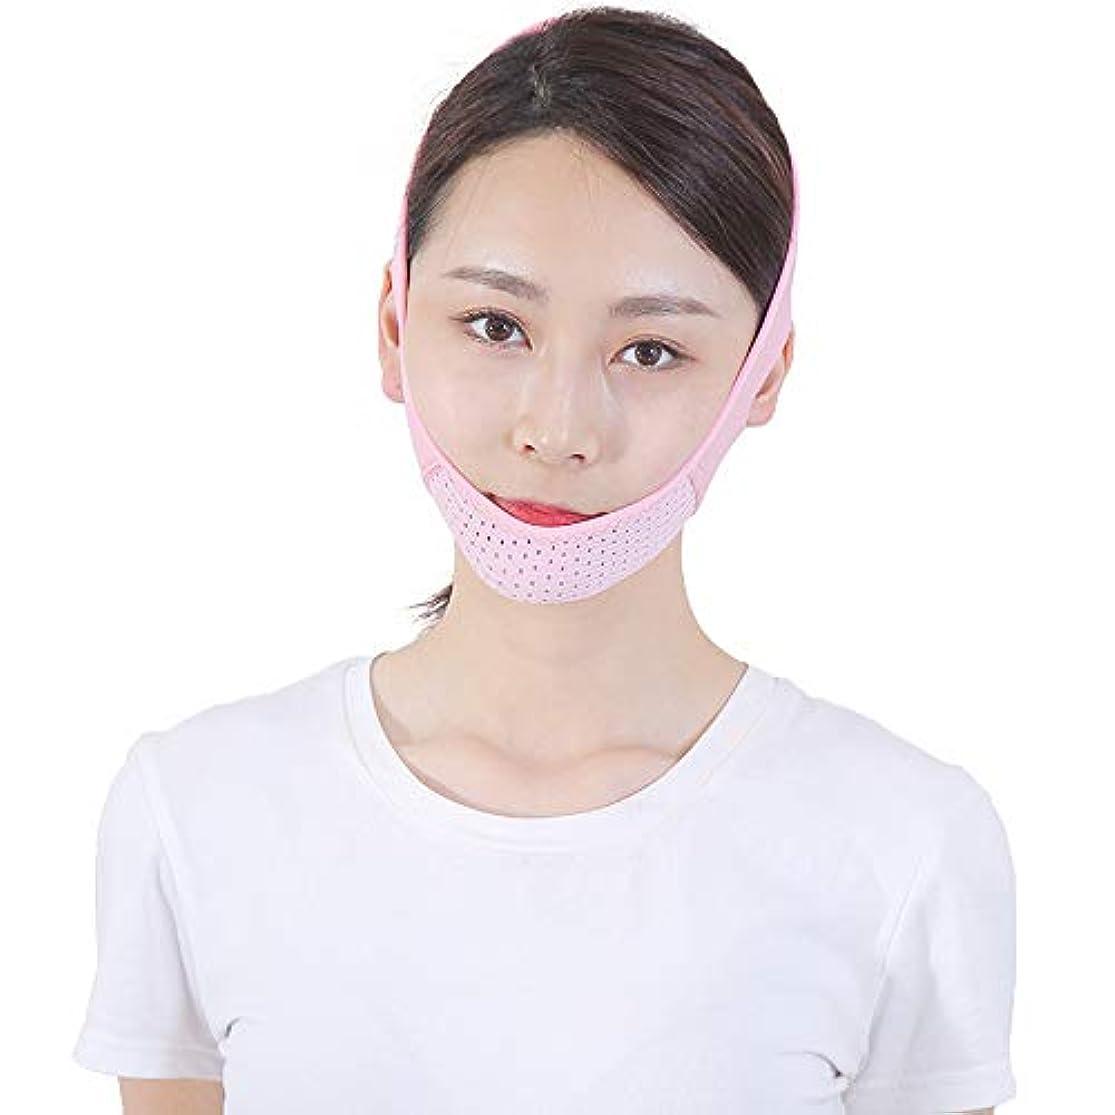 もっと十ダブルMinmin フェイシャルリフティング痩身ベルトフェイススリムゲットダブルチンアンチエイジングリンクルフェイスバンデージマスクシェイピングマスク顔を引き締めるダブルチンワークアウト みんみんVラインフェイスマスク